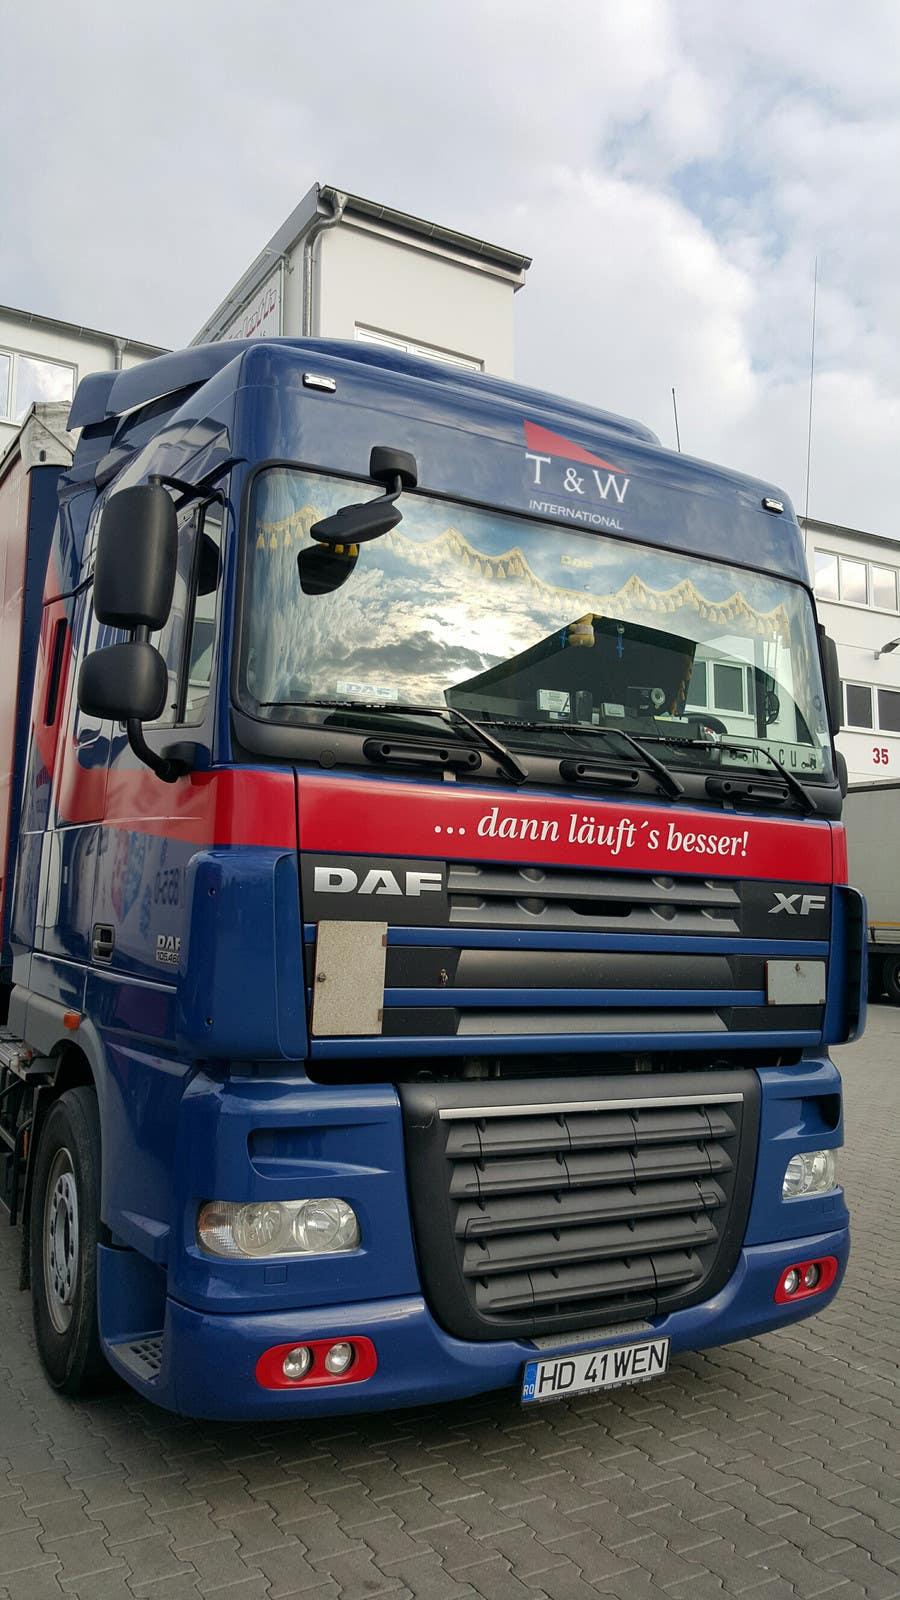 Penyertaan Peraduan #23 untuk Alter some images -- add logo on trucks